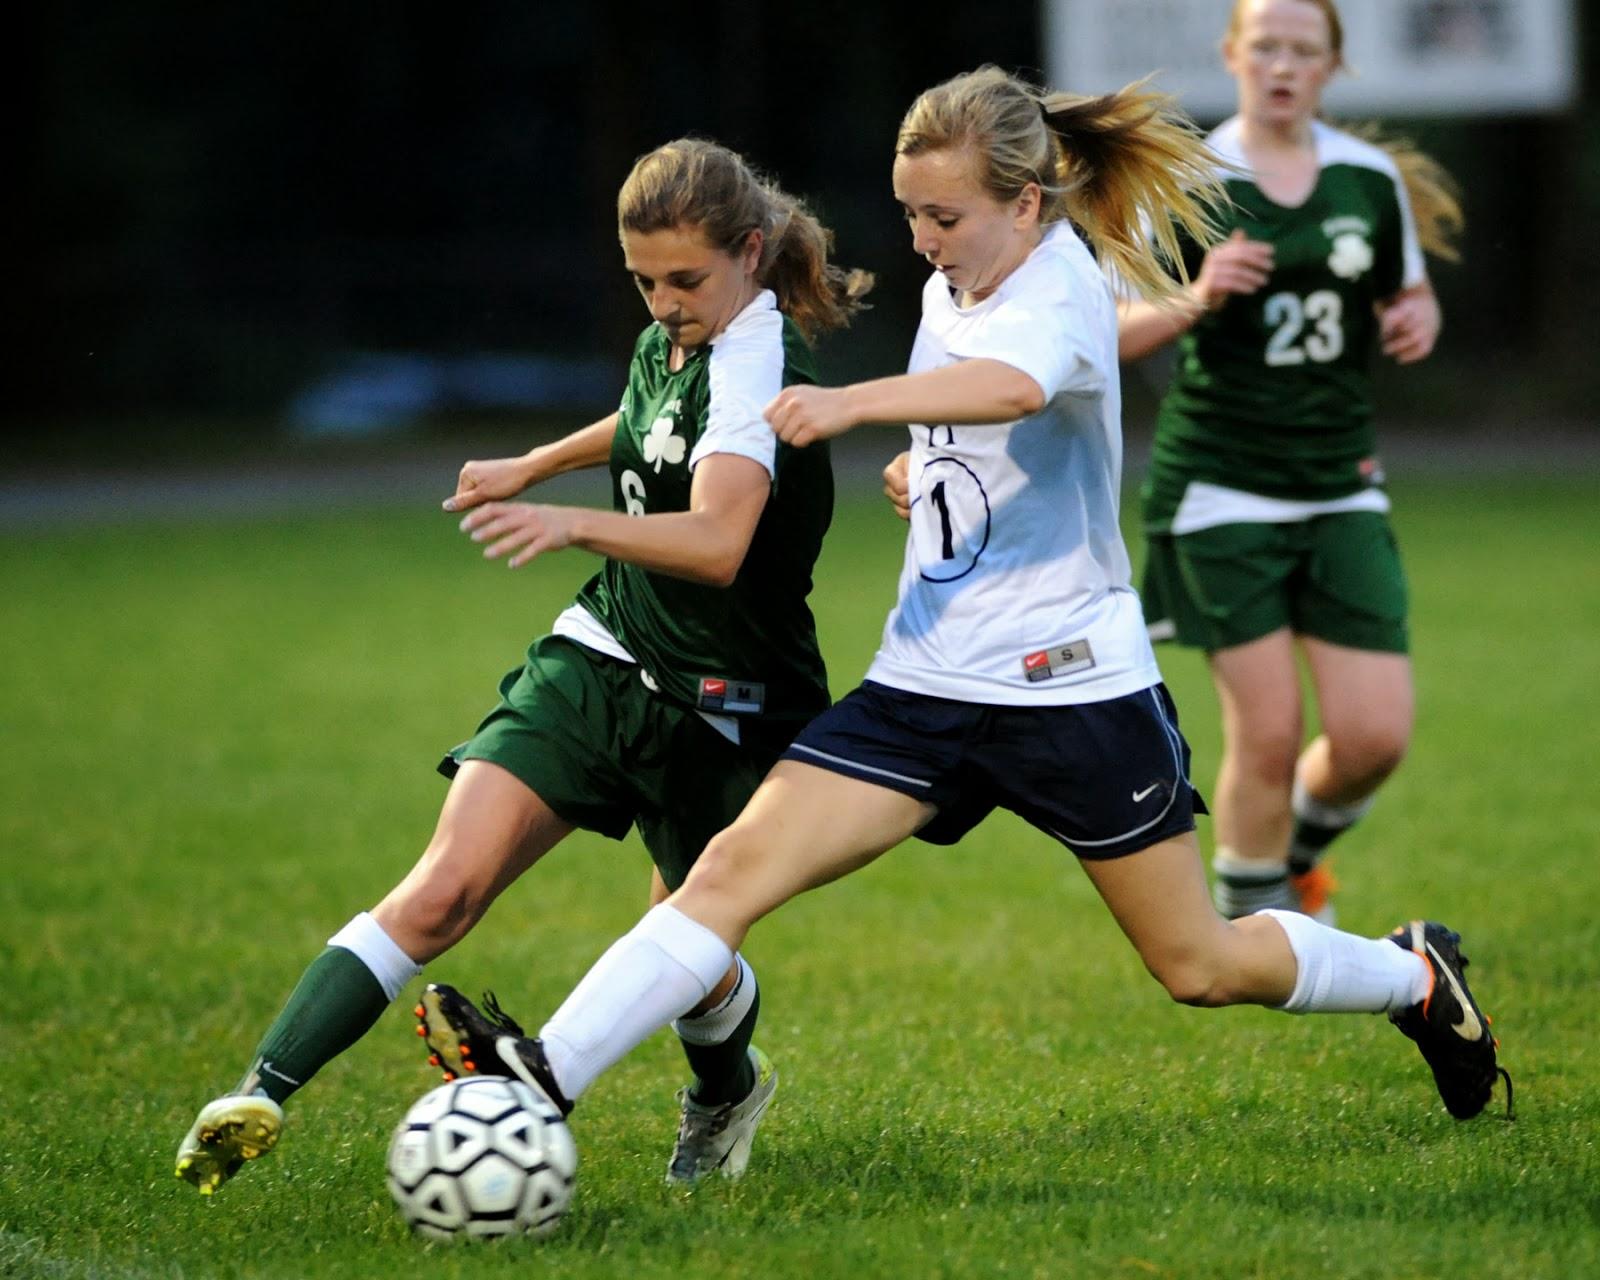 Sports de filles et sports de mecs - Fille joue au foot ...